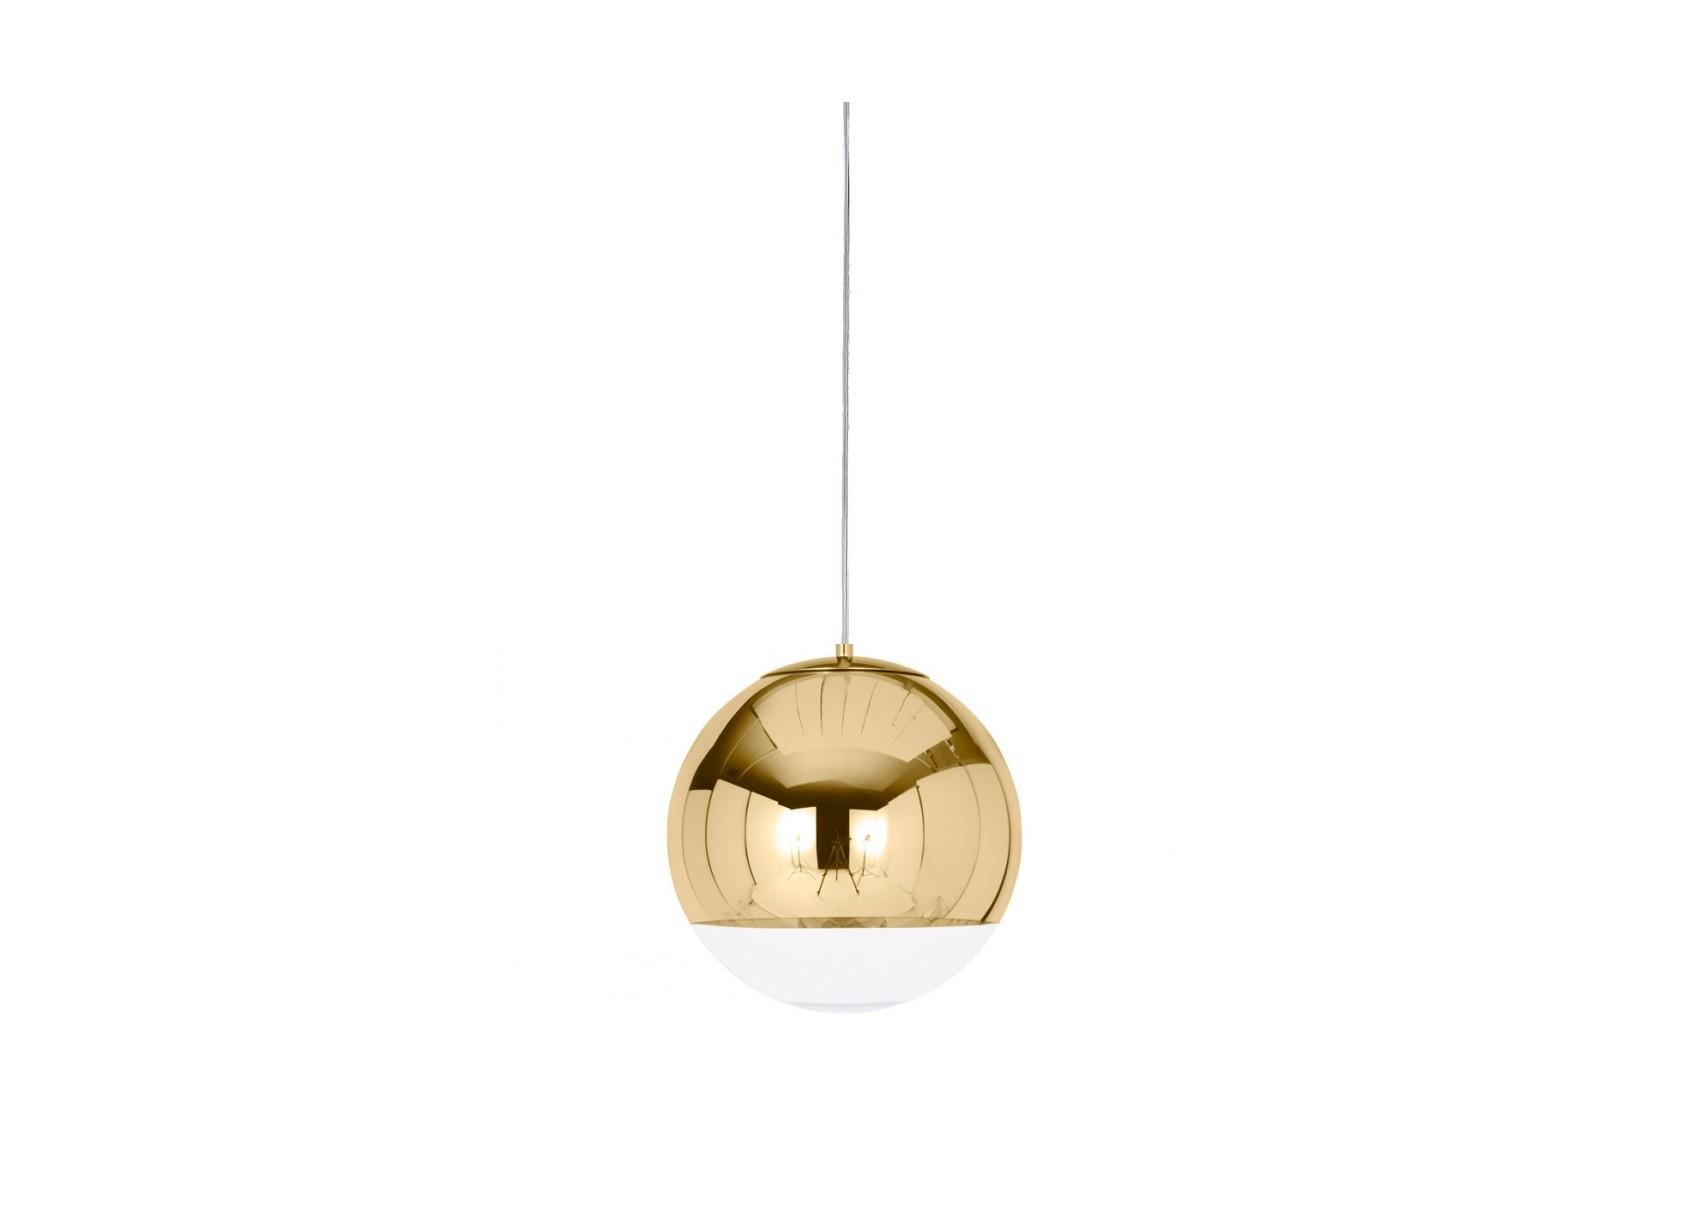 Дизайнерский подвесной светильник Mirror BallПодвесные светильники<br>Металлическое основание, один стеклянный плафон с зеркальным покрытием. Цвет металла - золото, цвет плафона золото + прозрачный. Реплика люстры Mirror Ball, дизайнер Tom Dixon.&amp;amp;nbsp;&amp;lt;div&amp;gt;&amp;lt;br&amp;gt;&amp;lt;/div&amp;gt;&amp;lt;div&amp;gt;Диаметр шара 35 см. Высота подвеса 130 см Основание: диаметр внешний 12 см, монтажный 10 см. Высота 4 см. Патрон E27, мощность max 1 х 60W. Лампа в комплект не входит. Возможно использование светодиодной лампы. Вес 3.26 кг&amp;lt;/div&amp;gt;<br><br>Material: Стекло<br>Height см: 130<br>Diameter см: 35